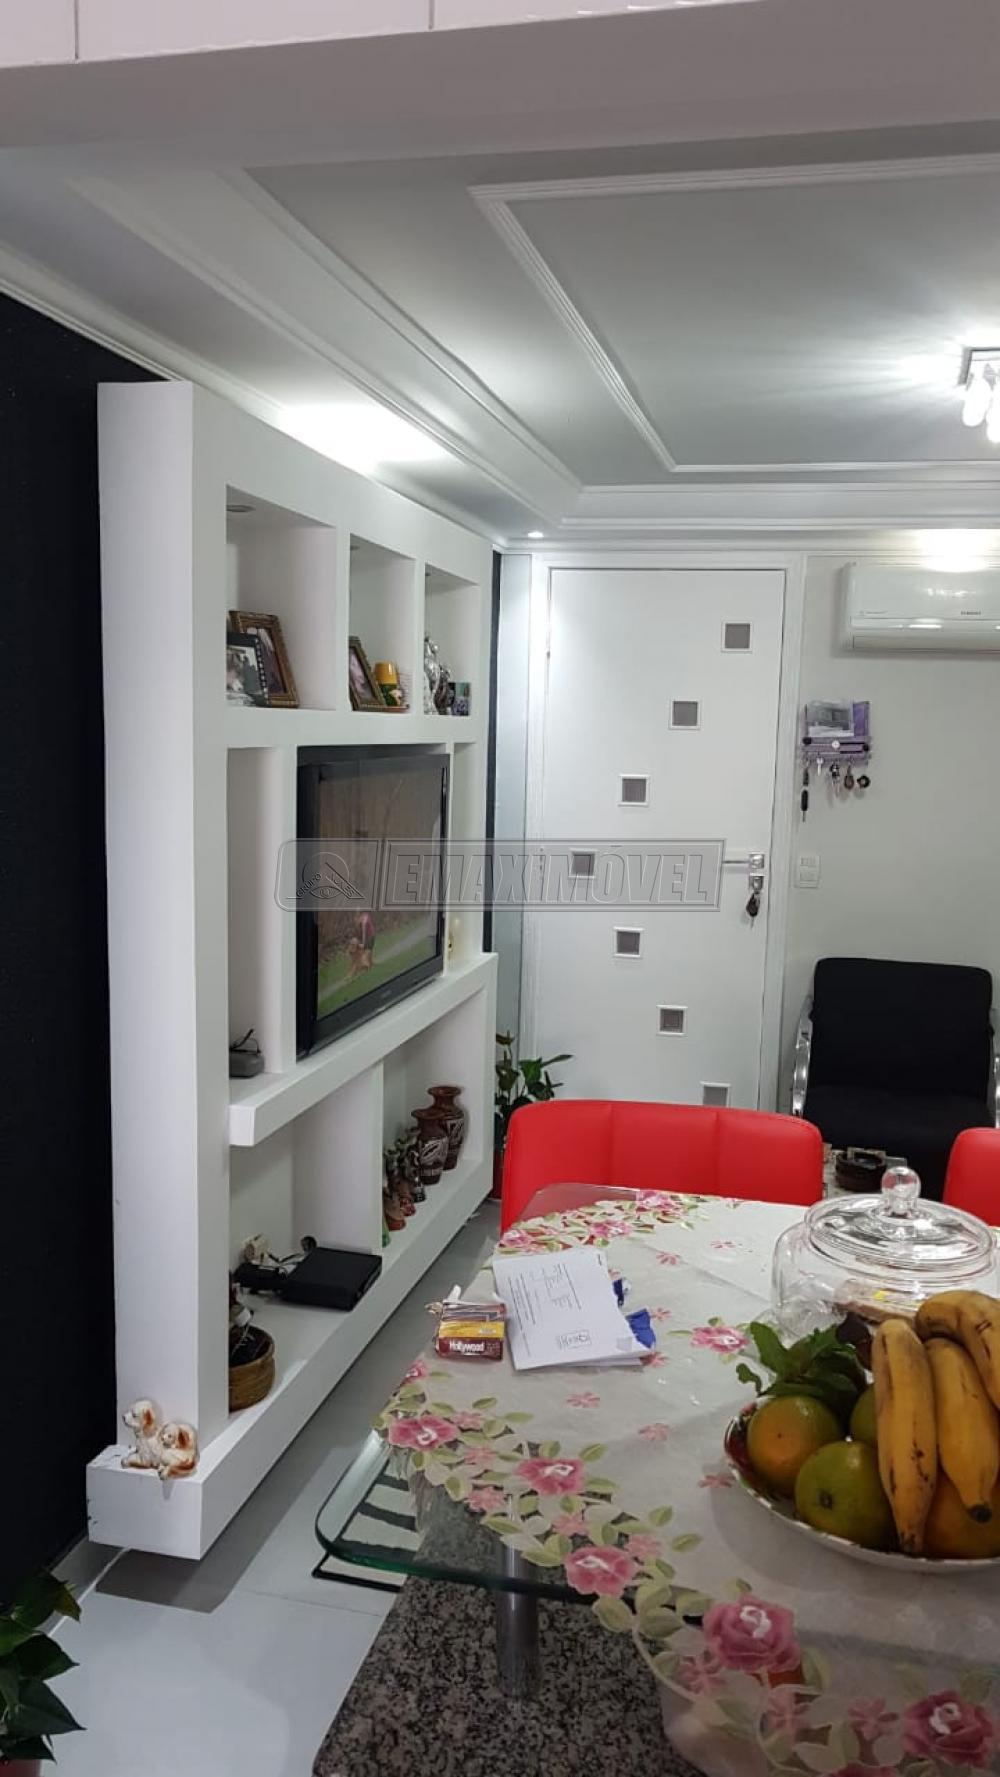 Comprar Apartamentos / Apto Padrão em Sorocaba apenas R$ 162.000,00 - Foto 4